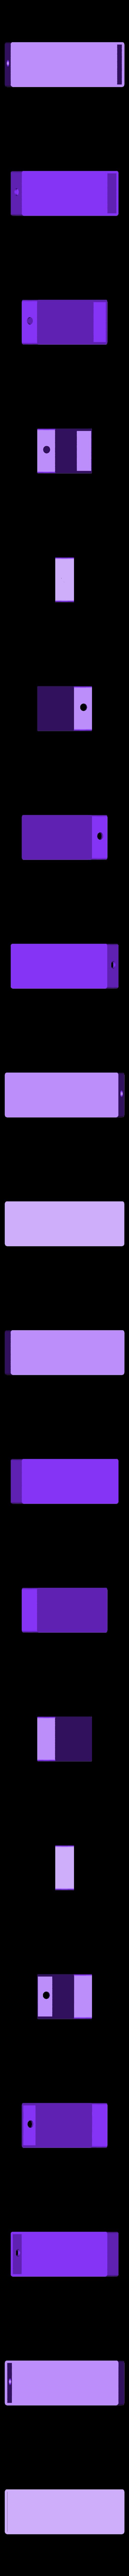 Boite_Partie_Haute.stl Télécharger fichier STL gratuit Mail Notifier (Electronic project) / Detecteur de Courriers • Objet imprimable en 3D, Heliox